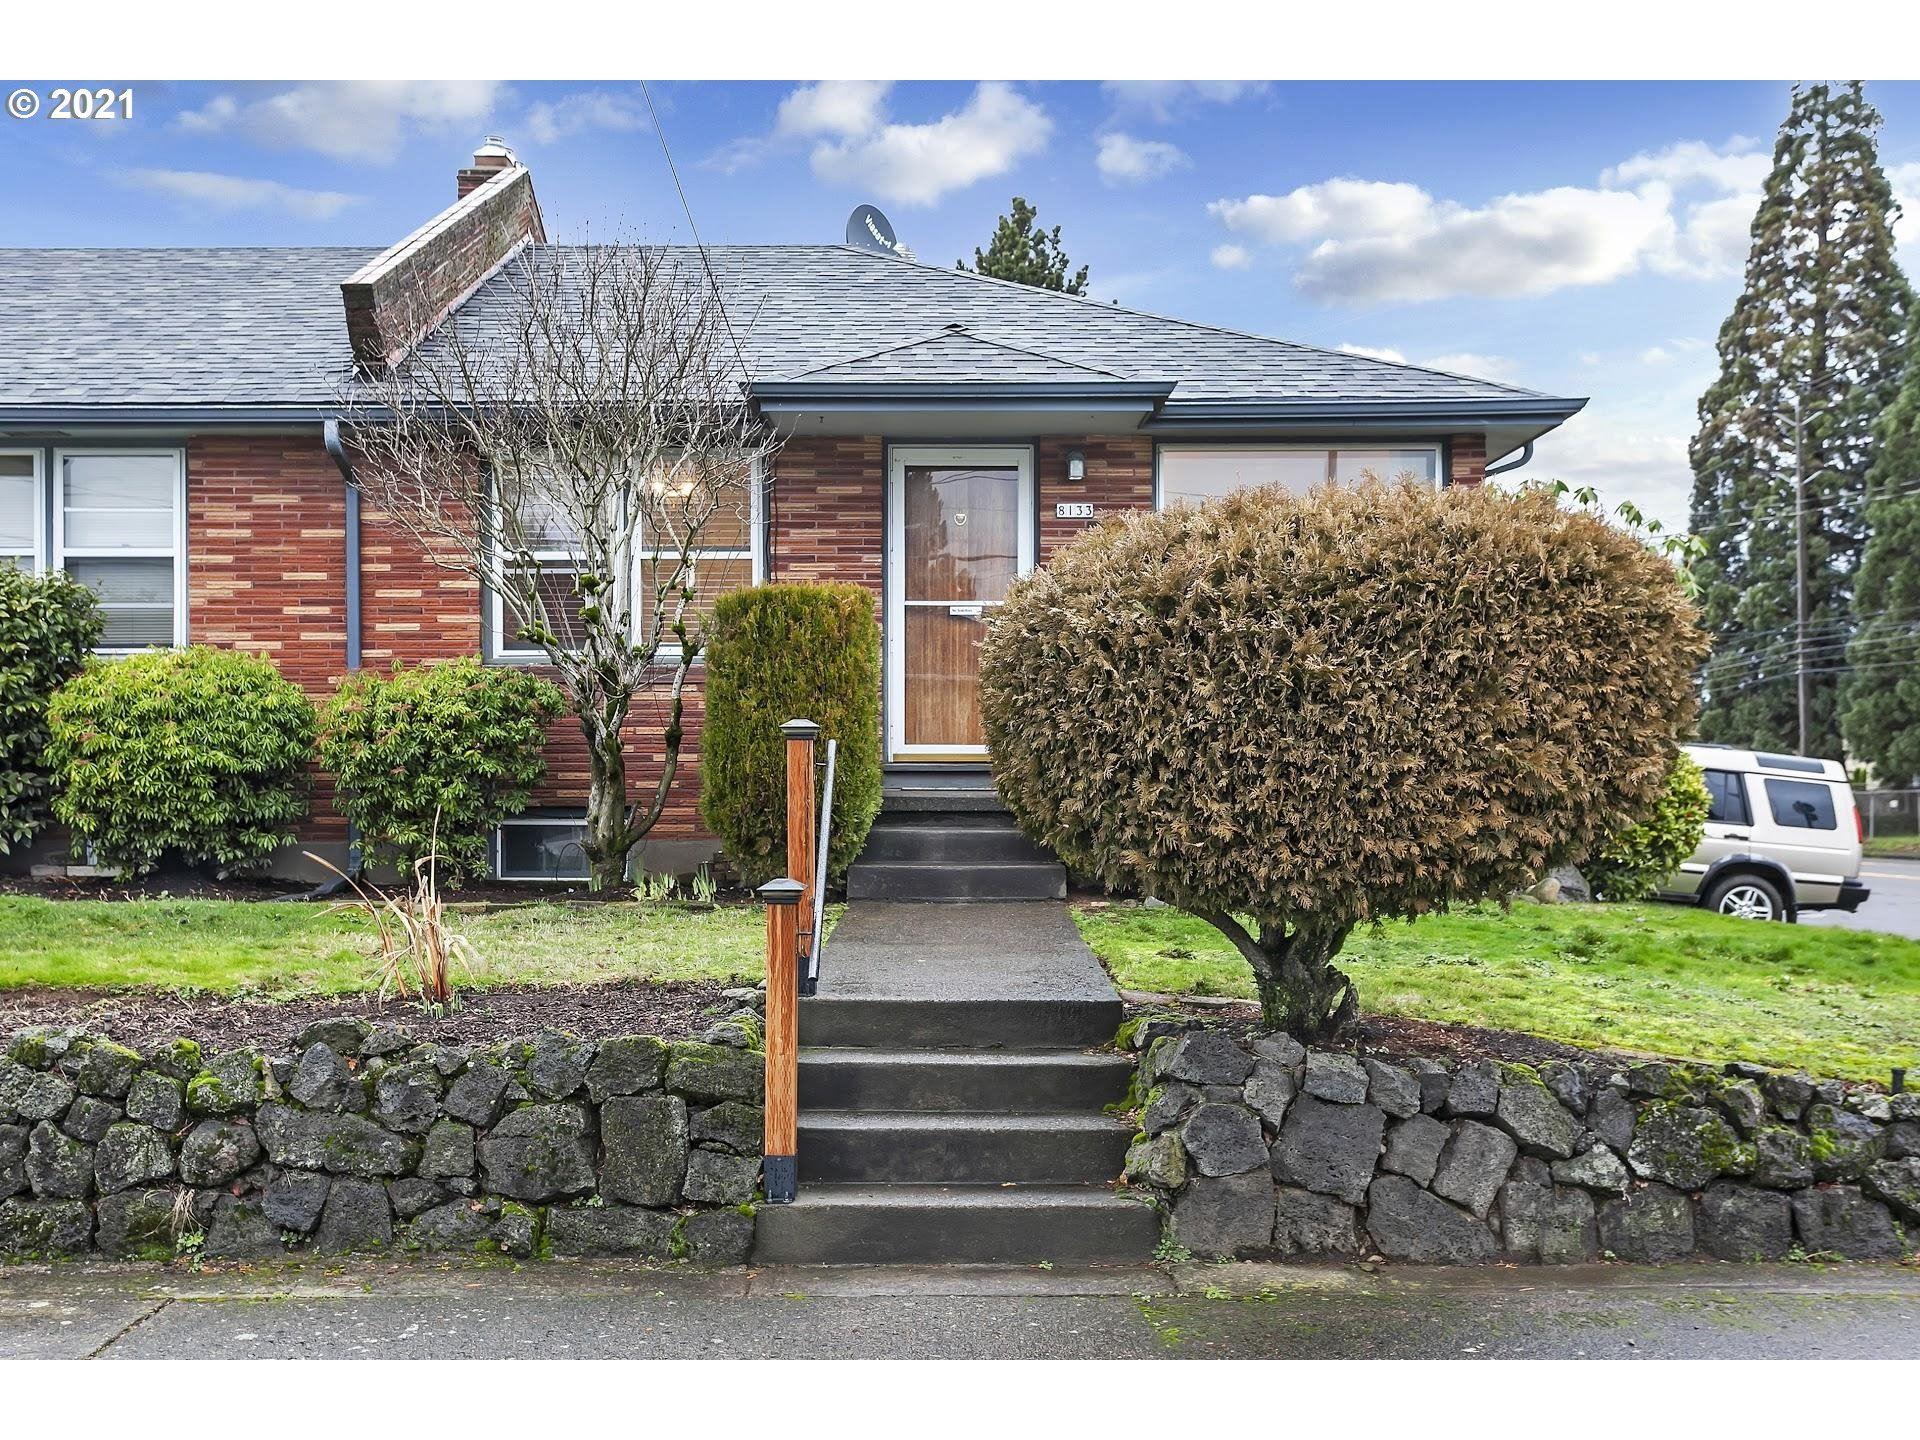 8127 NE BEECH ST, Portland, OR 97213 - MLS#: 21298916